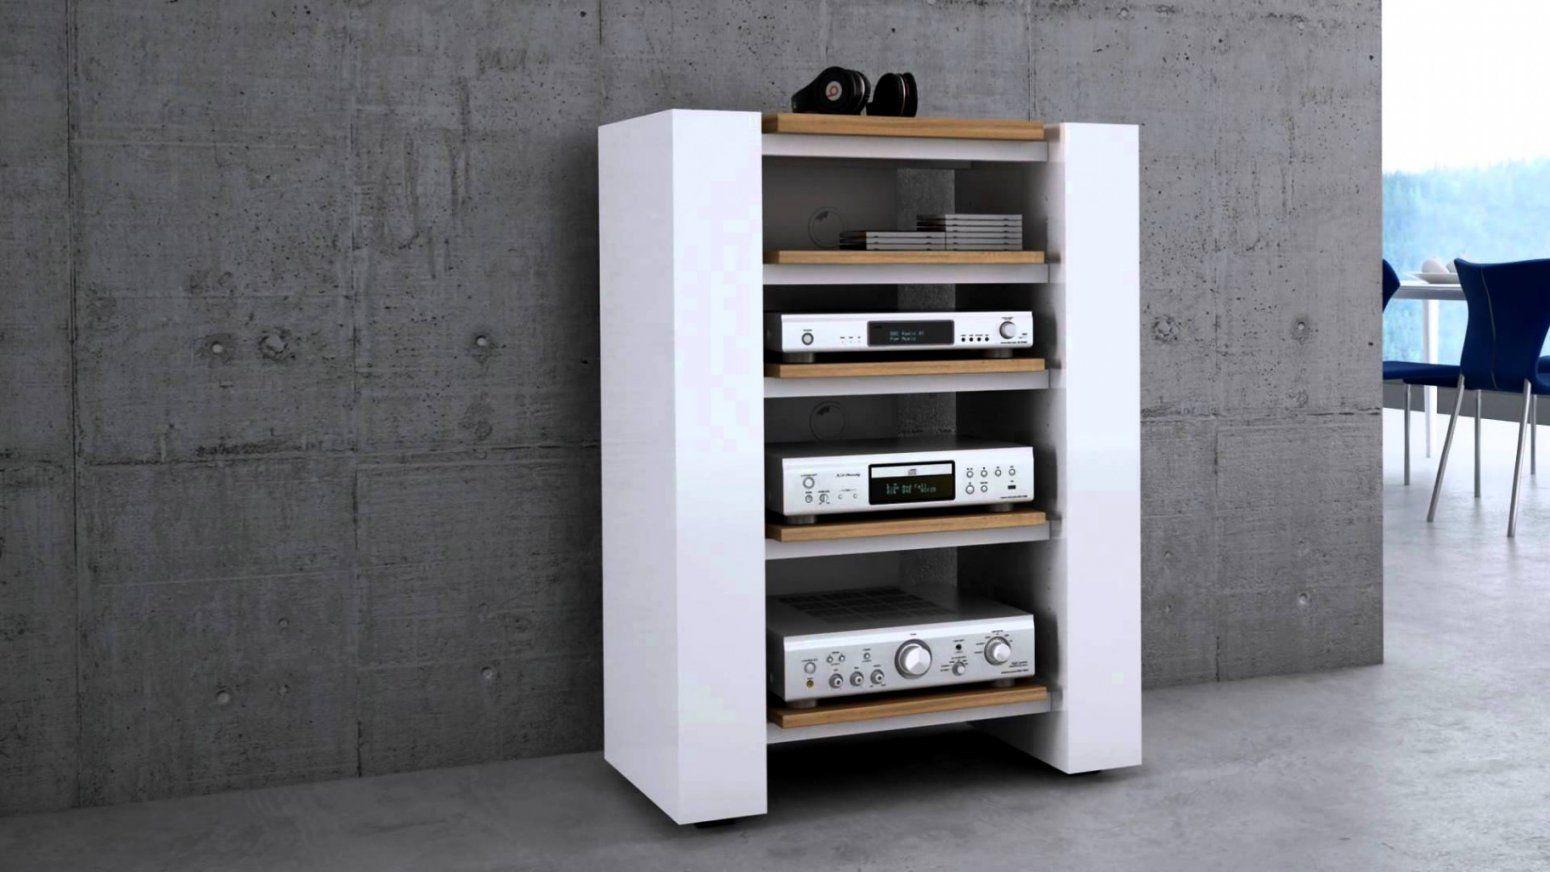 Neueste Hifi Rack Selber Bauen Ideen Zum Tv Tisch Holz  Tische Ideen von Hifi Rack Selber Bauen Bild